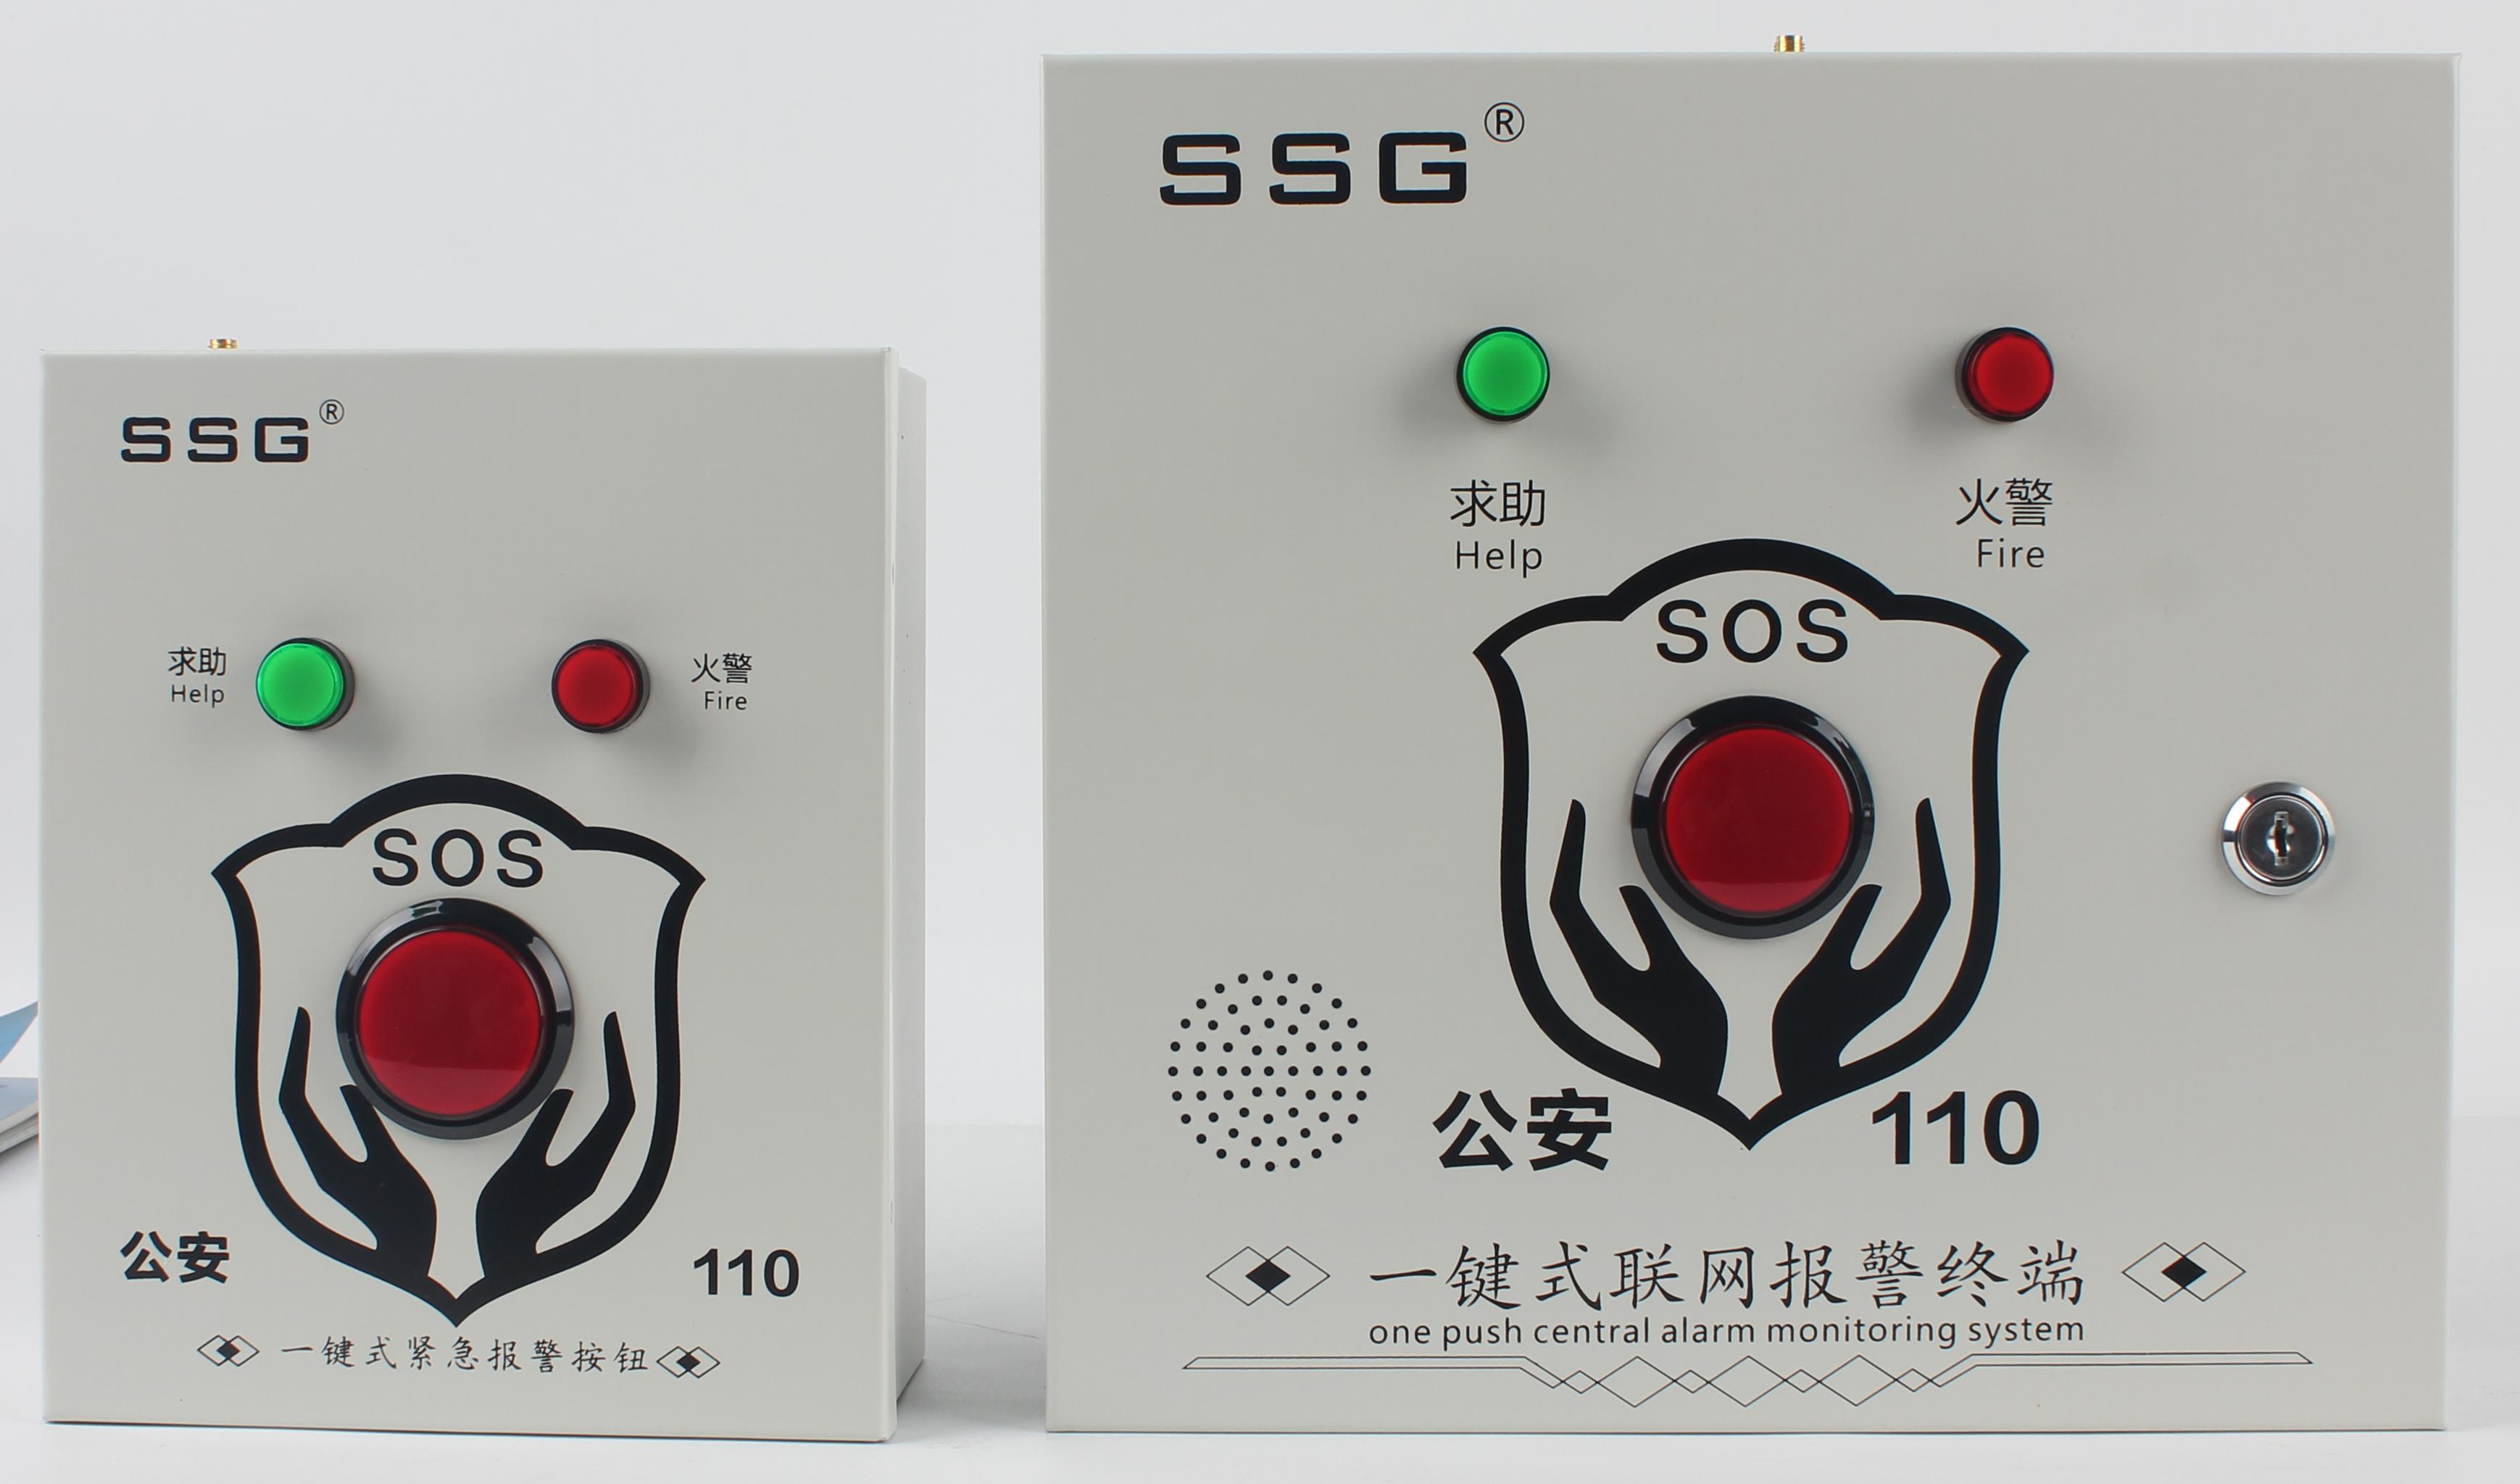 联网110一键式应急报警紧急报警设备一键式报警供应